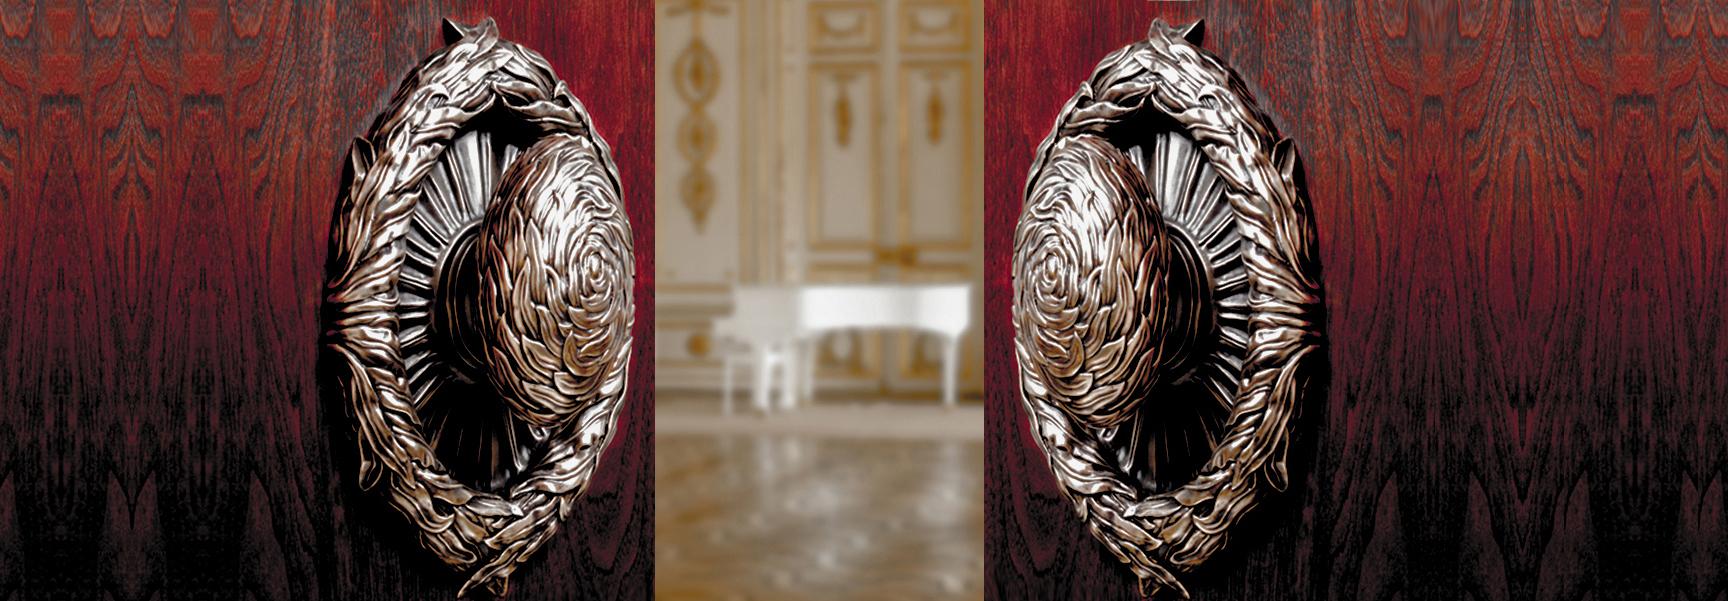 Martin Pierce Custom Door Handles Hardware Knobs And